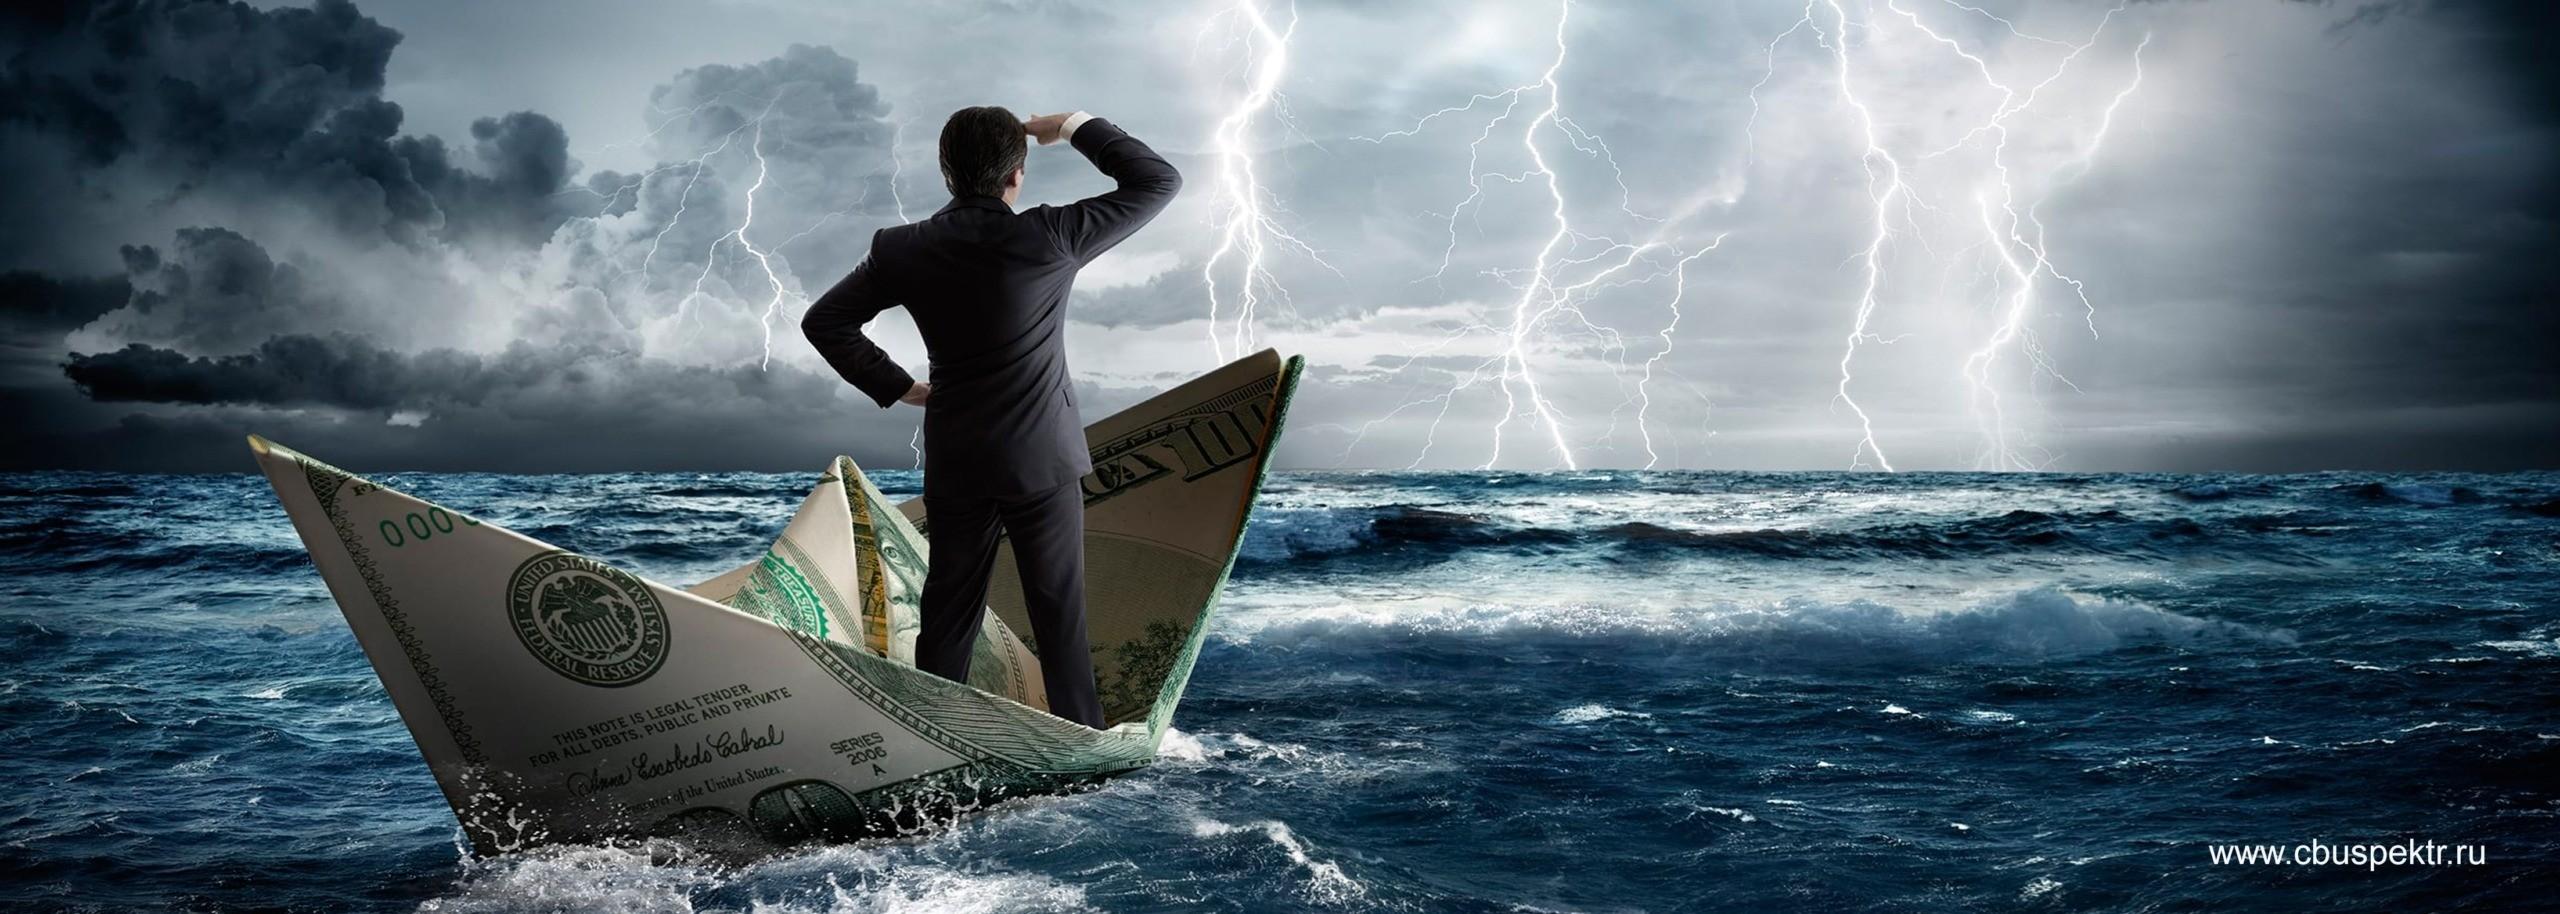 Бизнесмен на кораблике из долларовой купюры